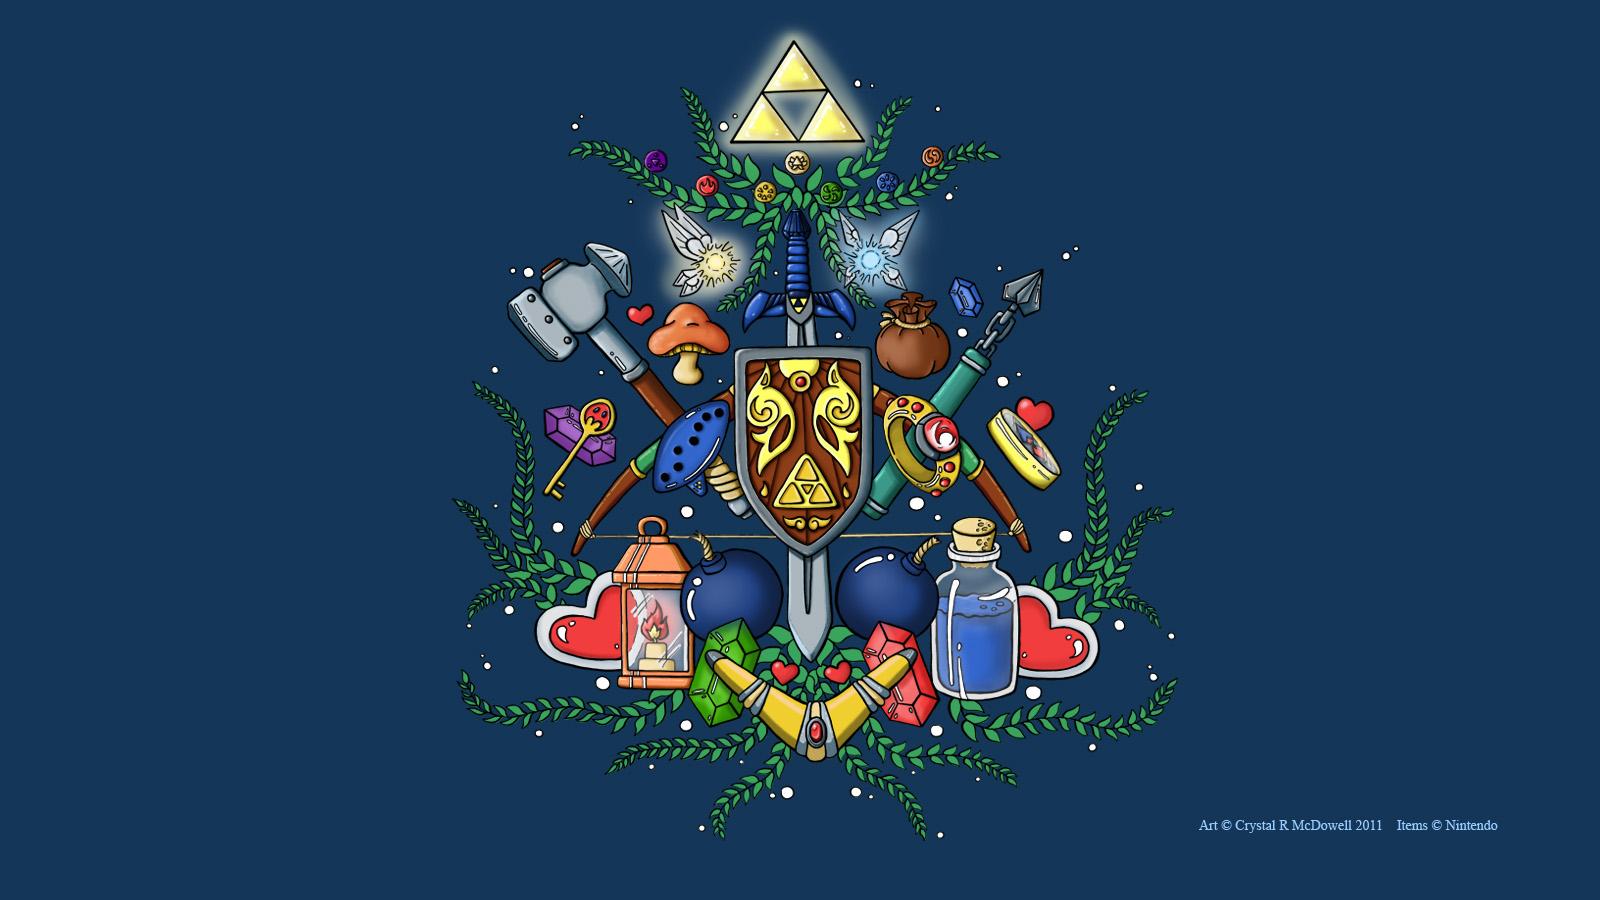 Legend of Zelda Wallpaper The Gameslave